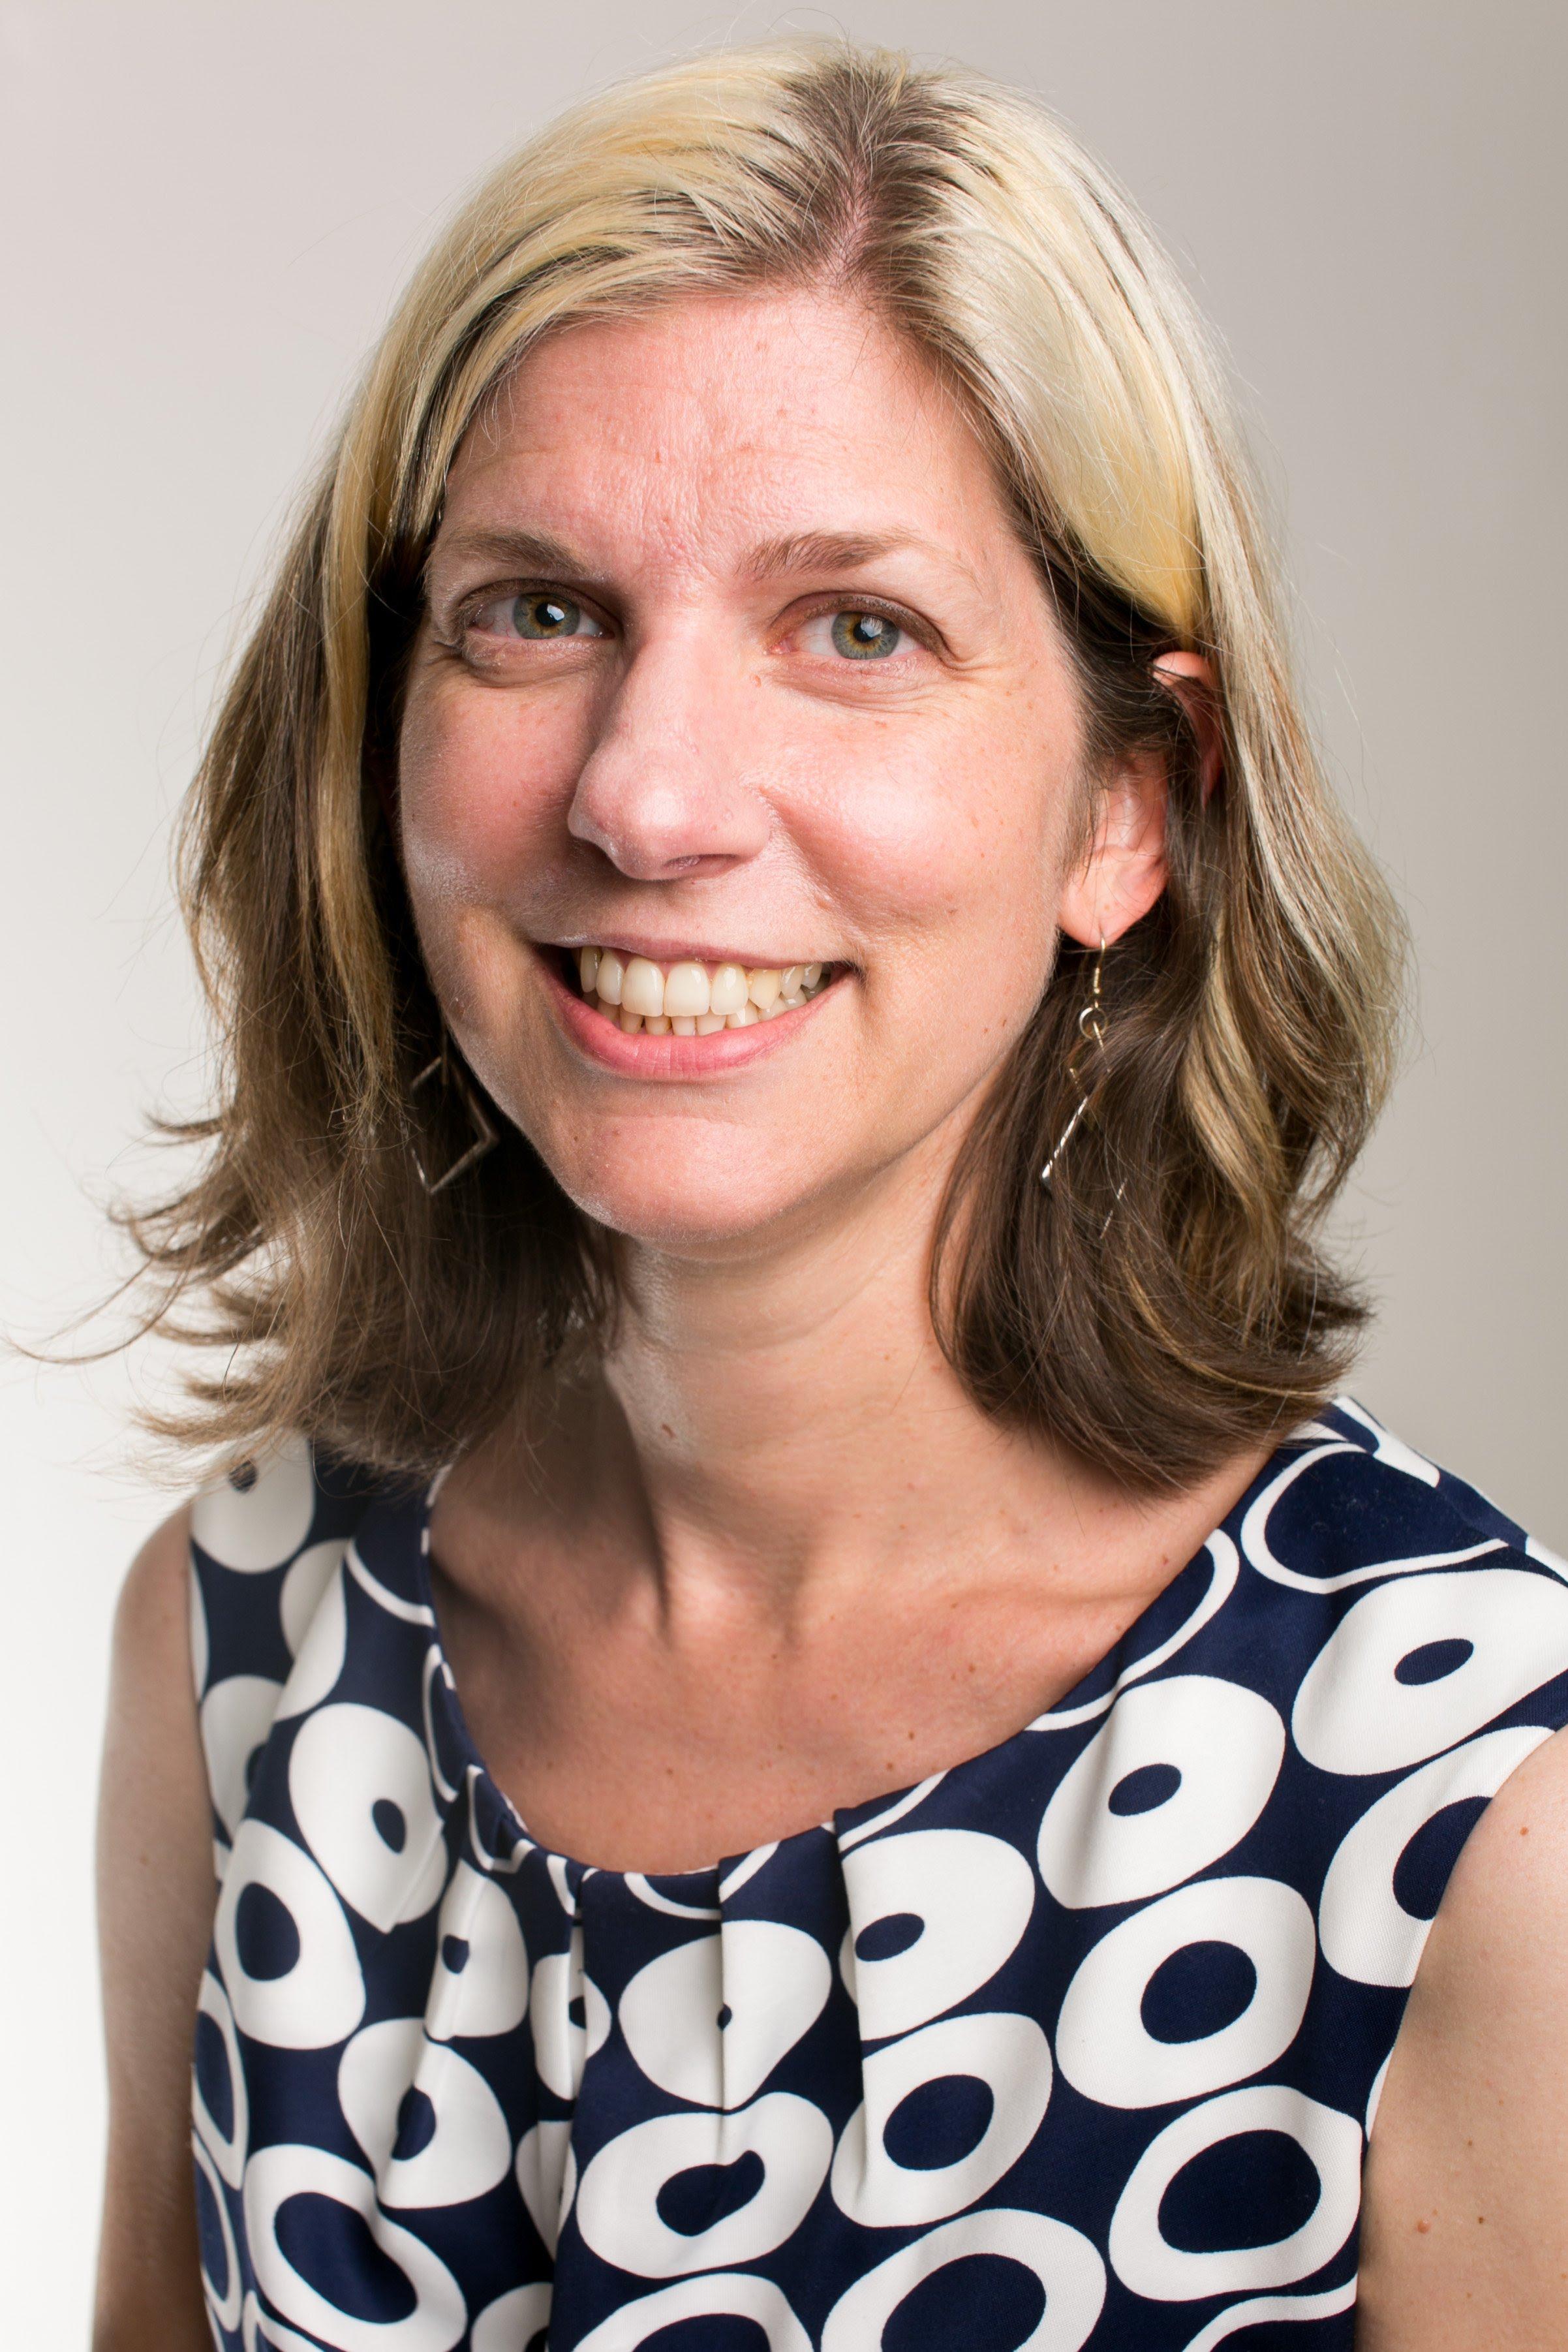 Aimee Herring